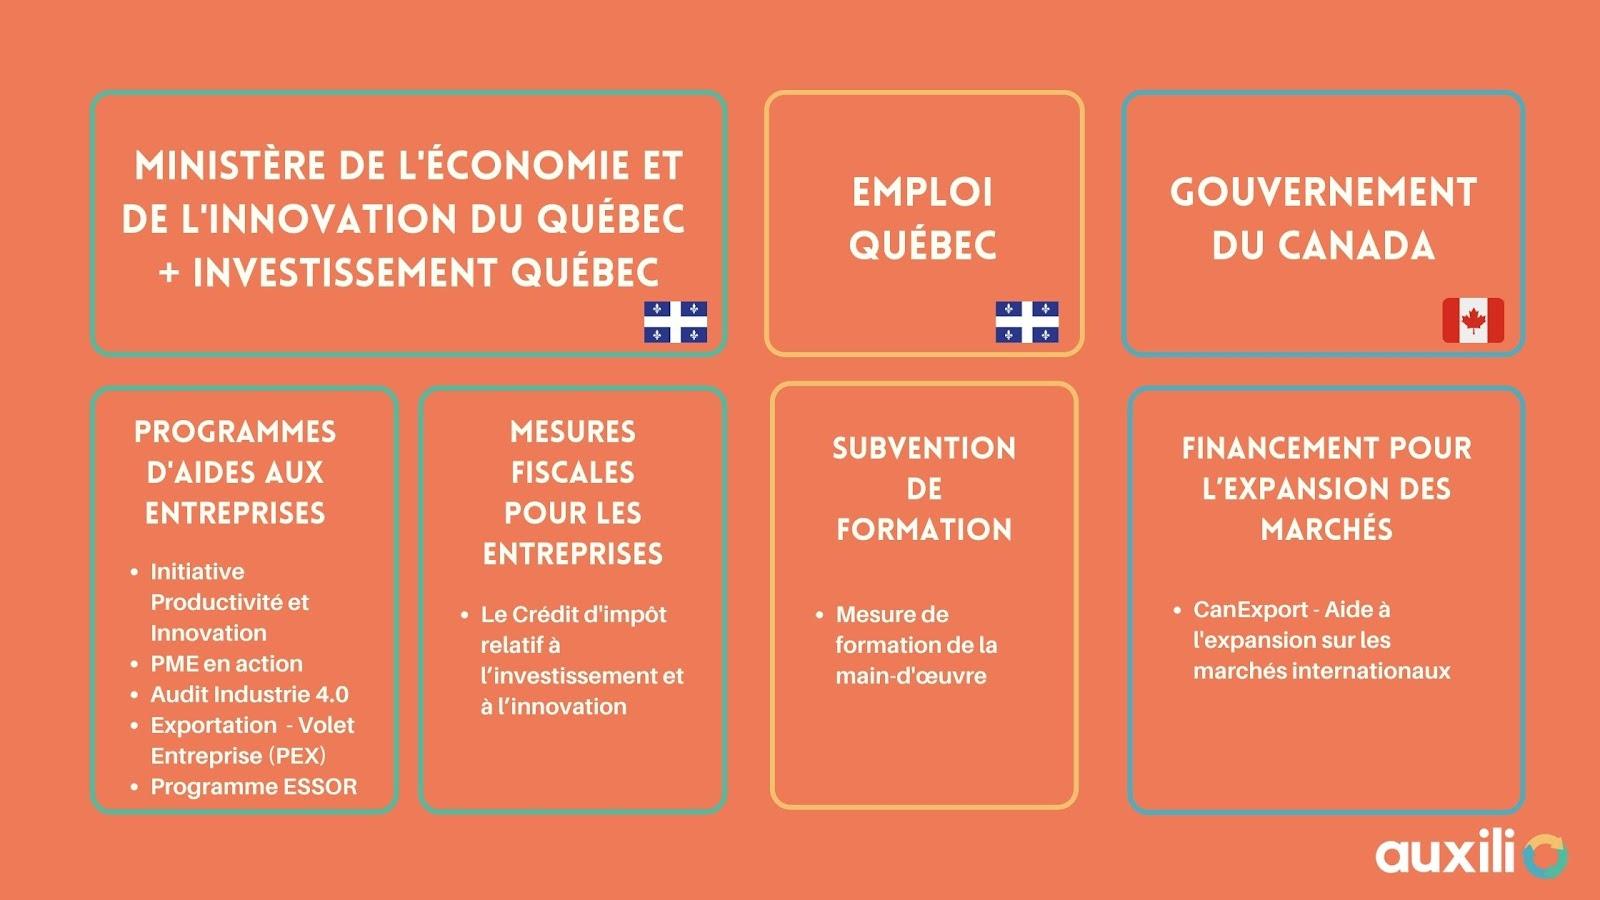 Vue d'ensemble sur les différentes aides gouvernementales pour intégrer et développer les technologies dans les entreprises